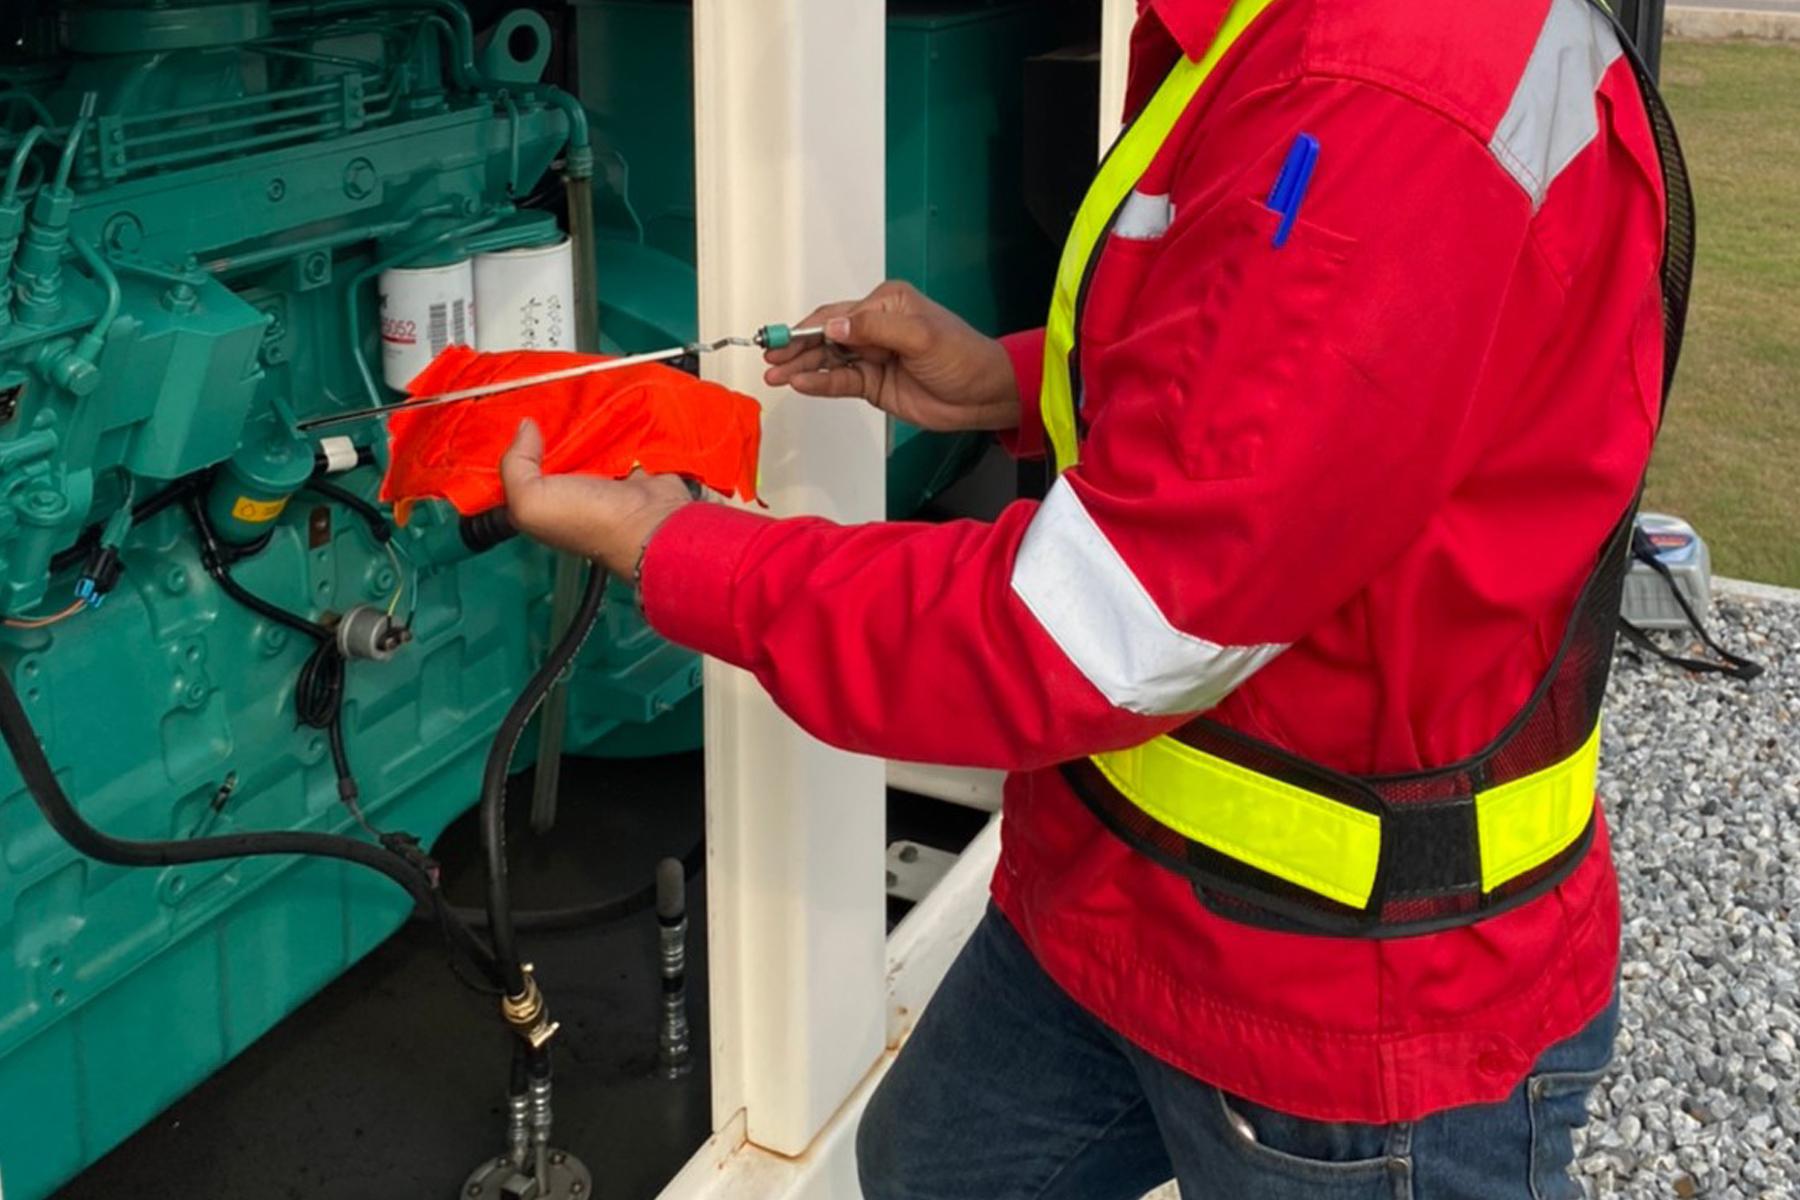 Check List Generator ขั้นตอนการบำรุงรักษา เครื่องกำเนิดไฟฟ้า เครื่องปั่นไฟ